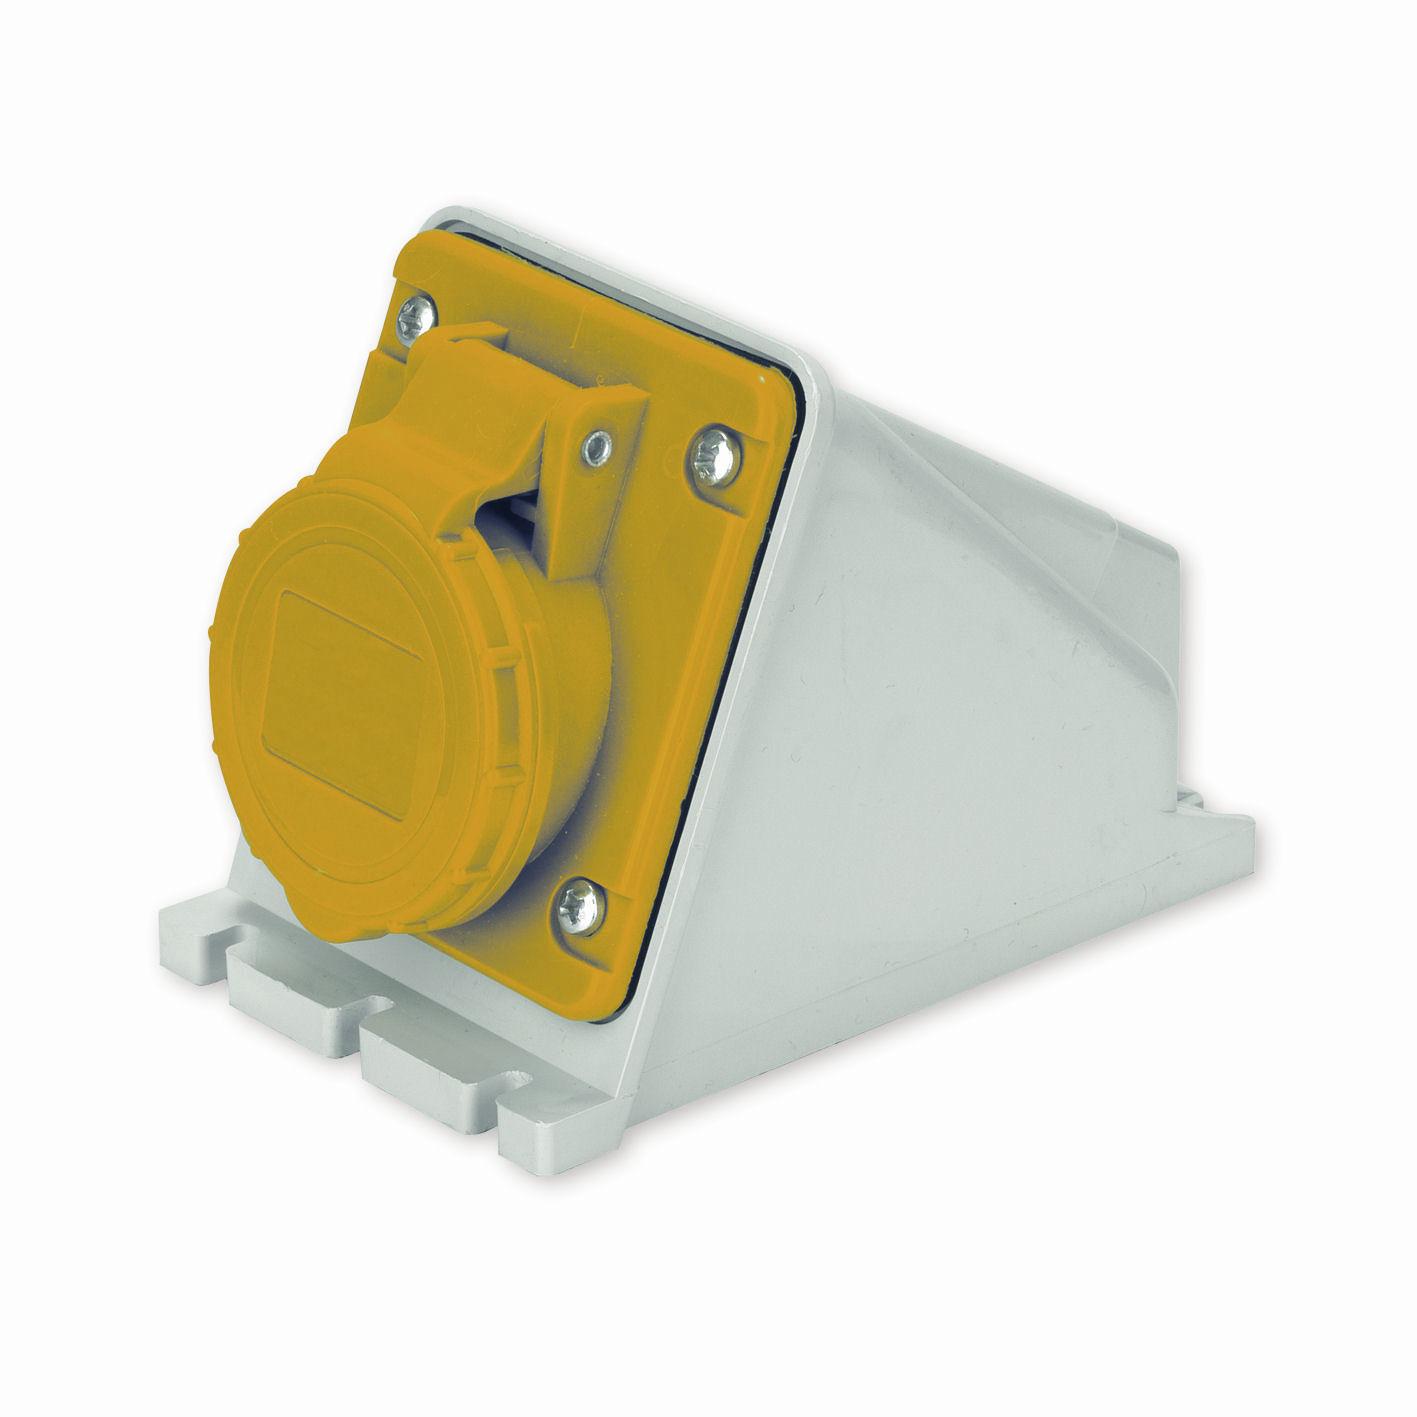 CEE-Steckdose / wandmontiert / Einbau / IP44 - 110 V, 16 A, IP 44 ...